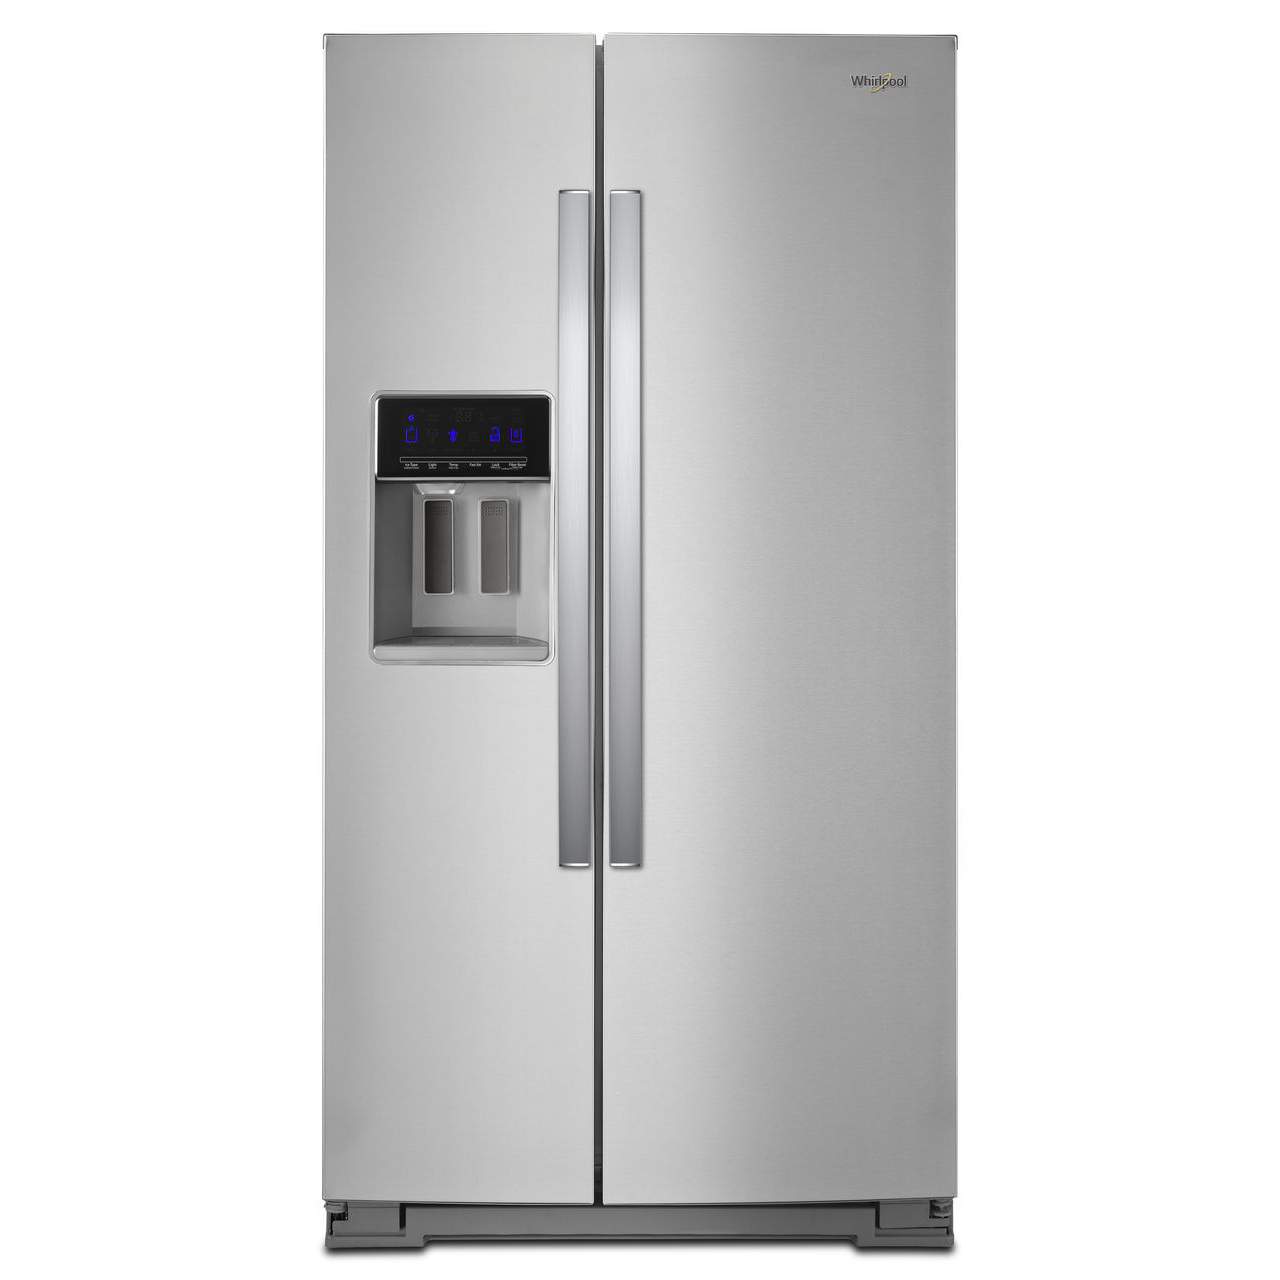 【Whirlpool惠而浦】840L/840公升變頻對開門冰箱/雙門冰箱 WRS588FIHZ